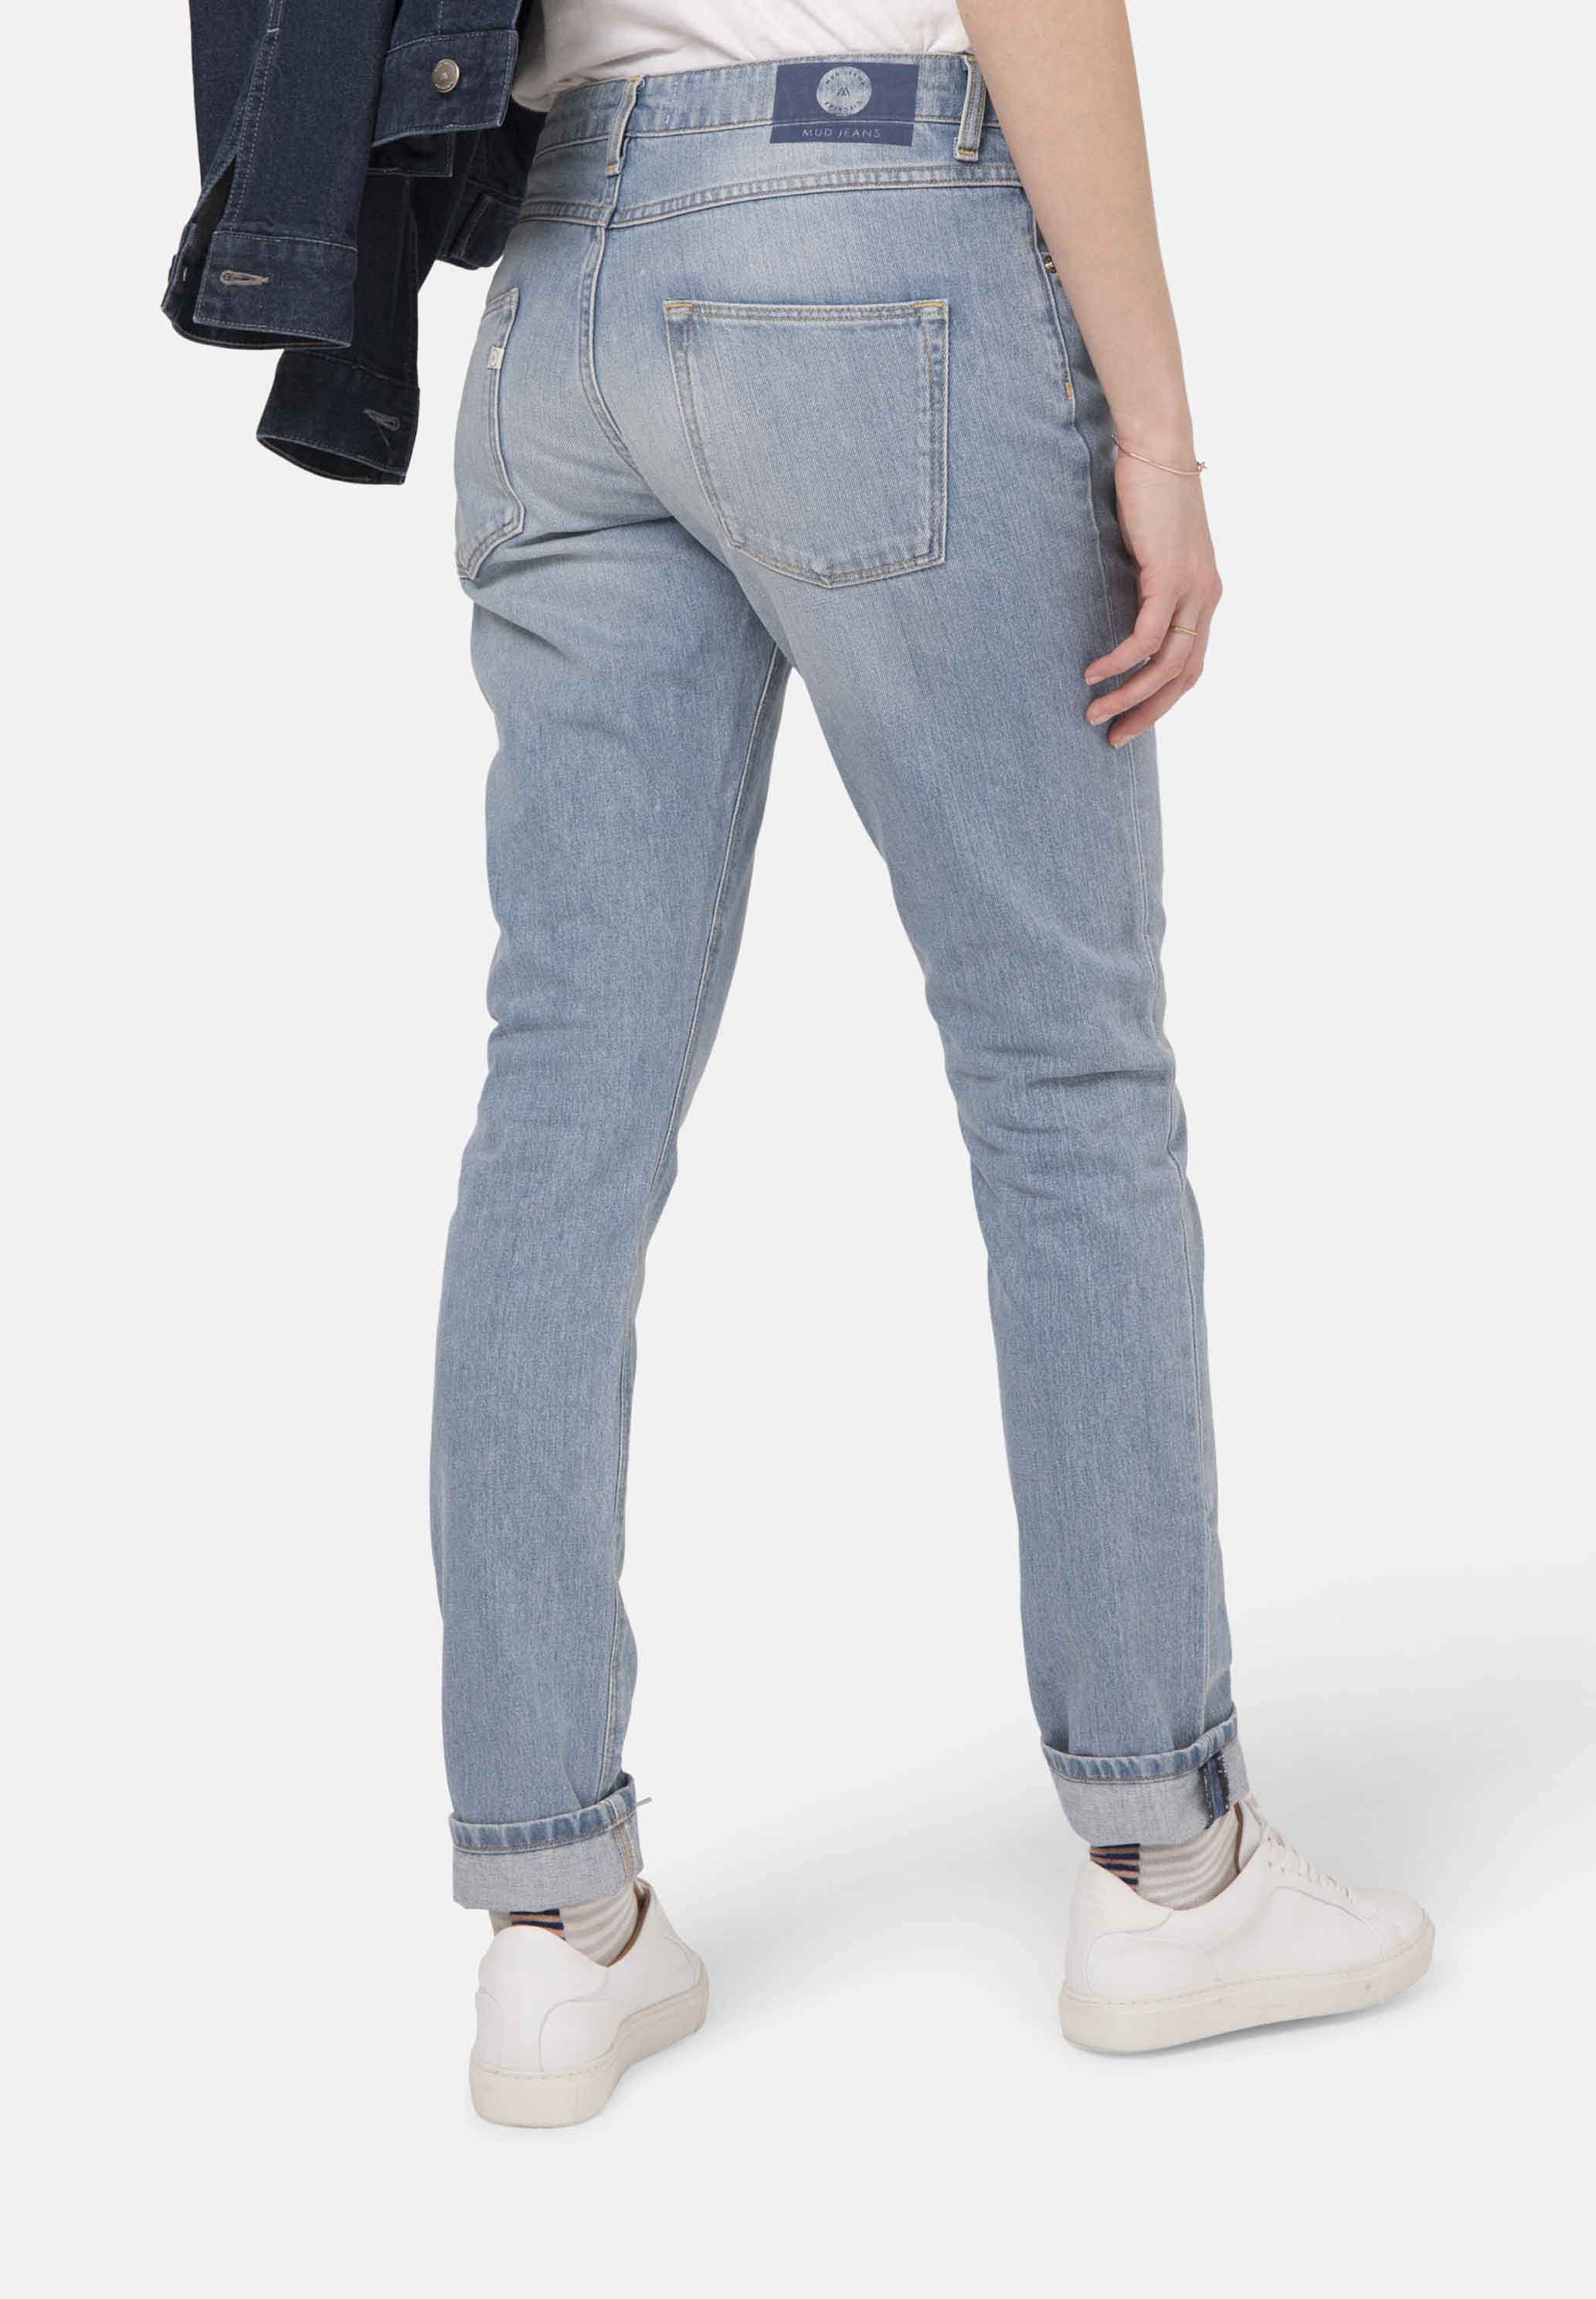 Mud Jeans woman boyfriend basin light stone jeans.jpg